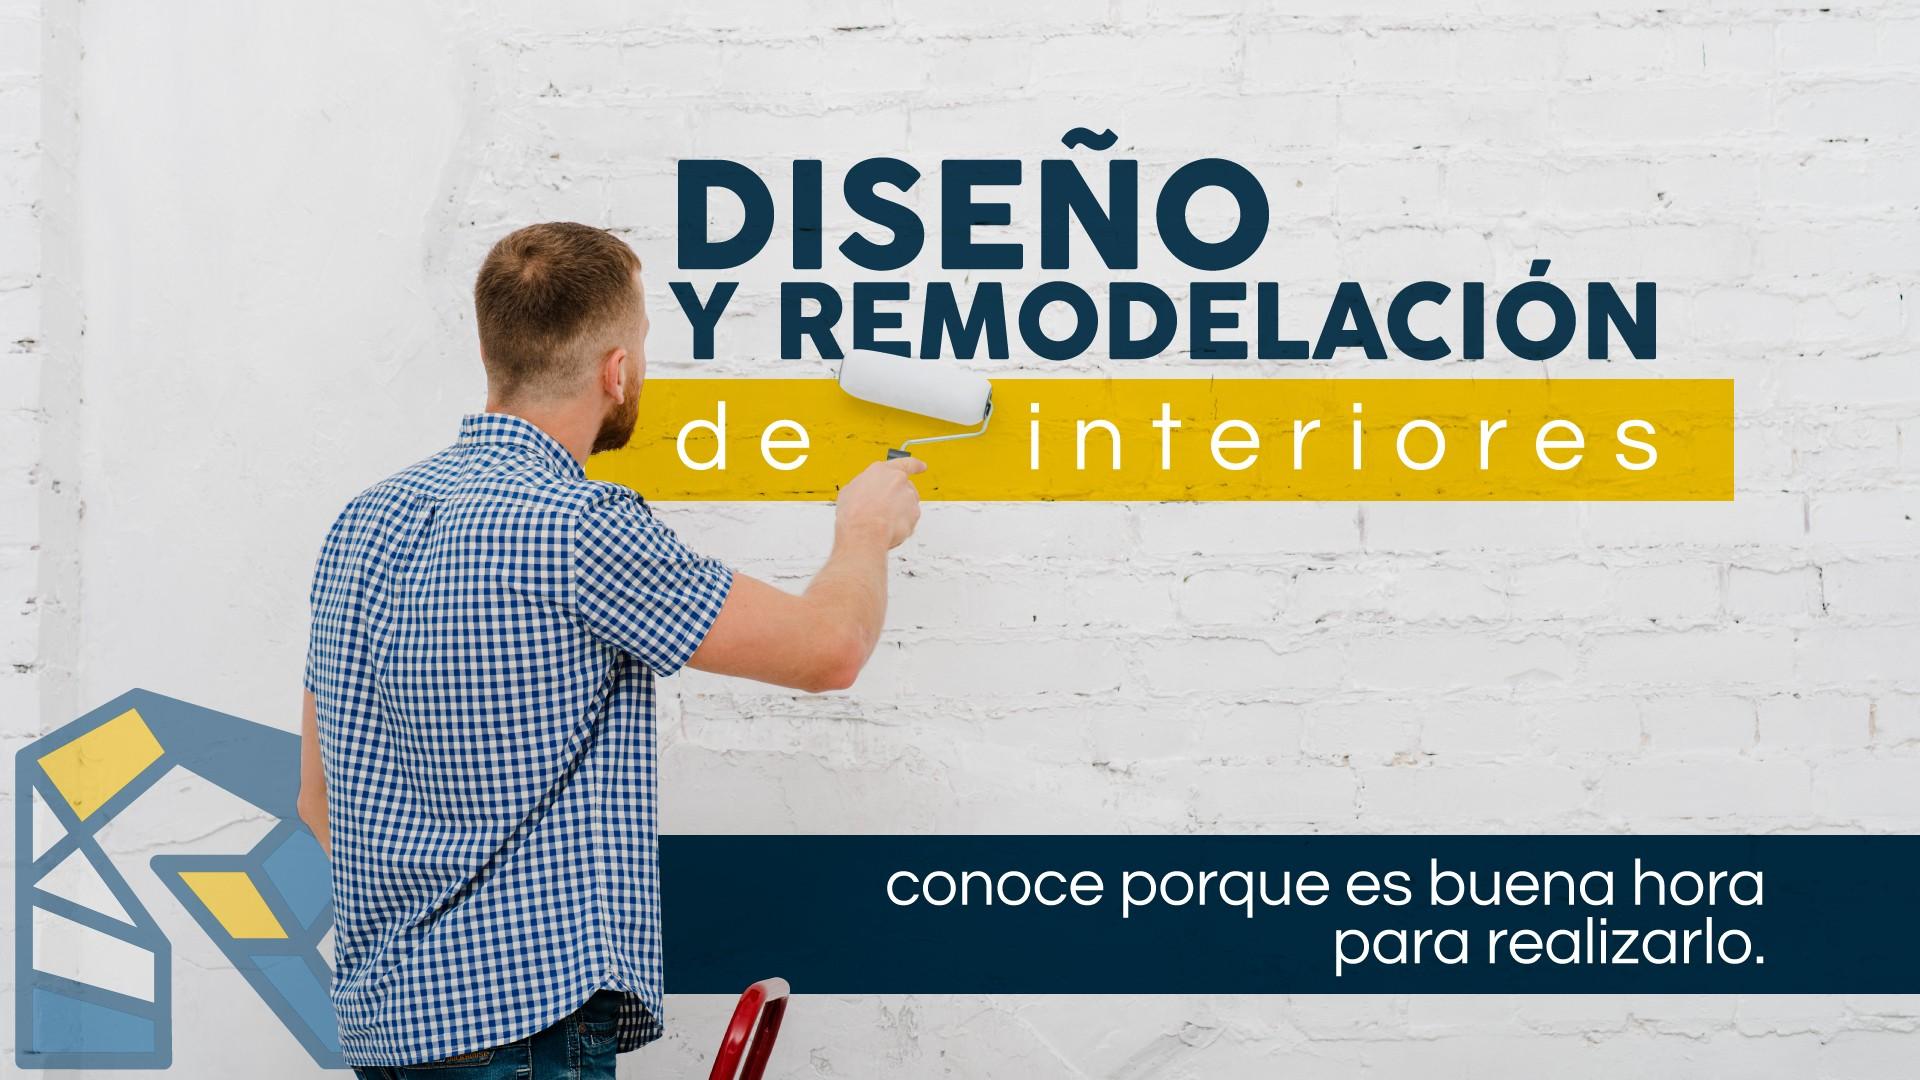 diseño y remodelación de interiores